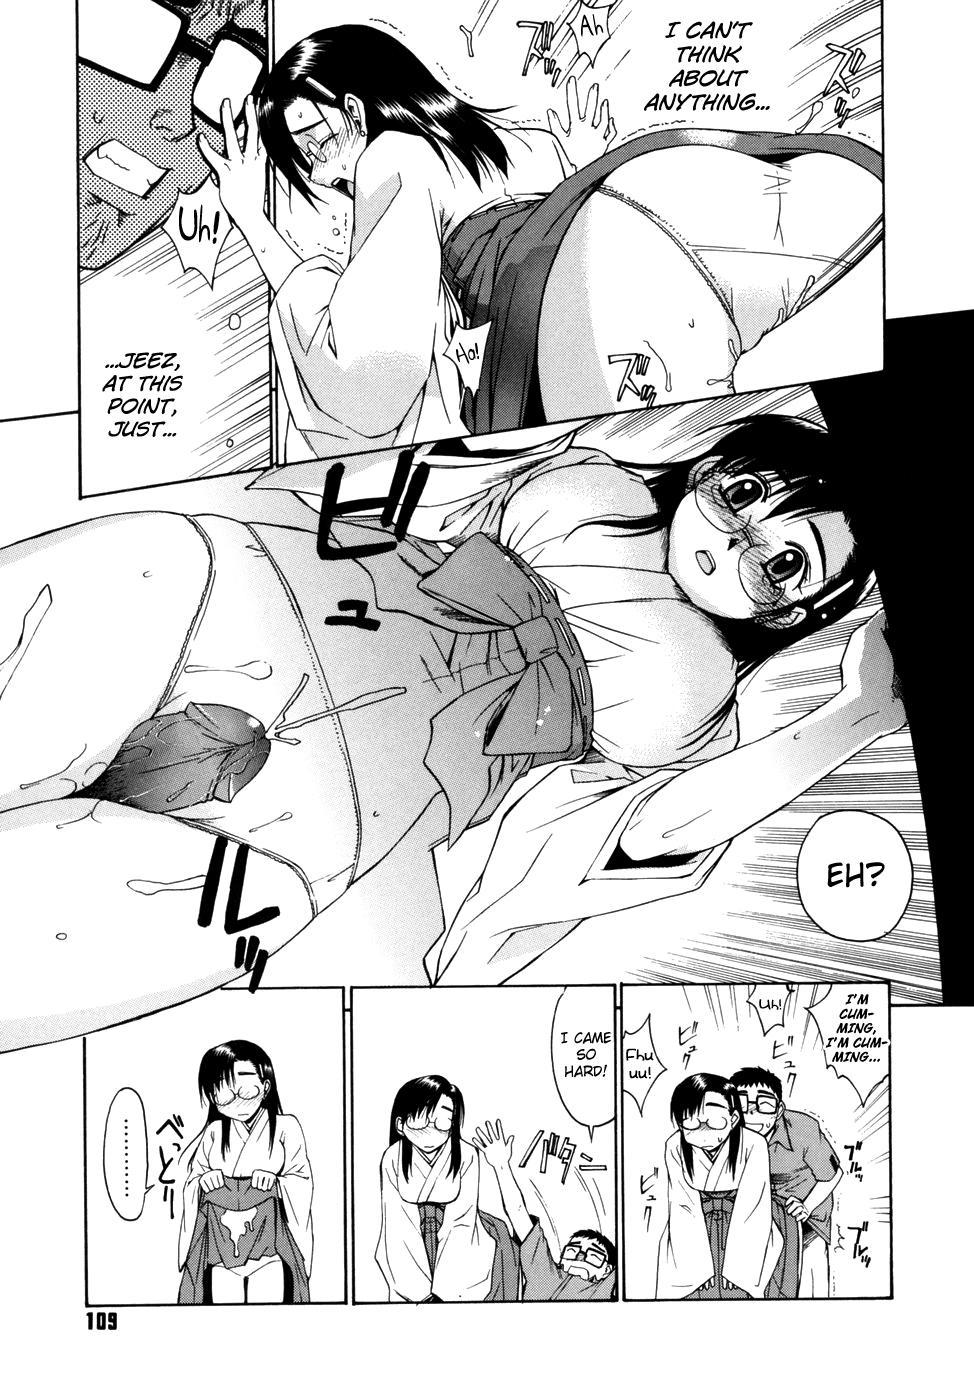 [Yaya Hinata] Tonari no Miko-san wa Minna Warau Ch.1-8 [English] [biribiri] 103